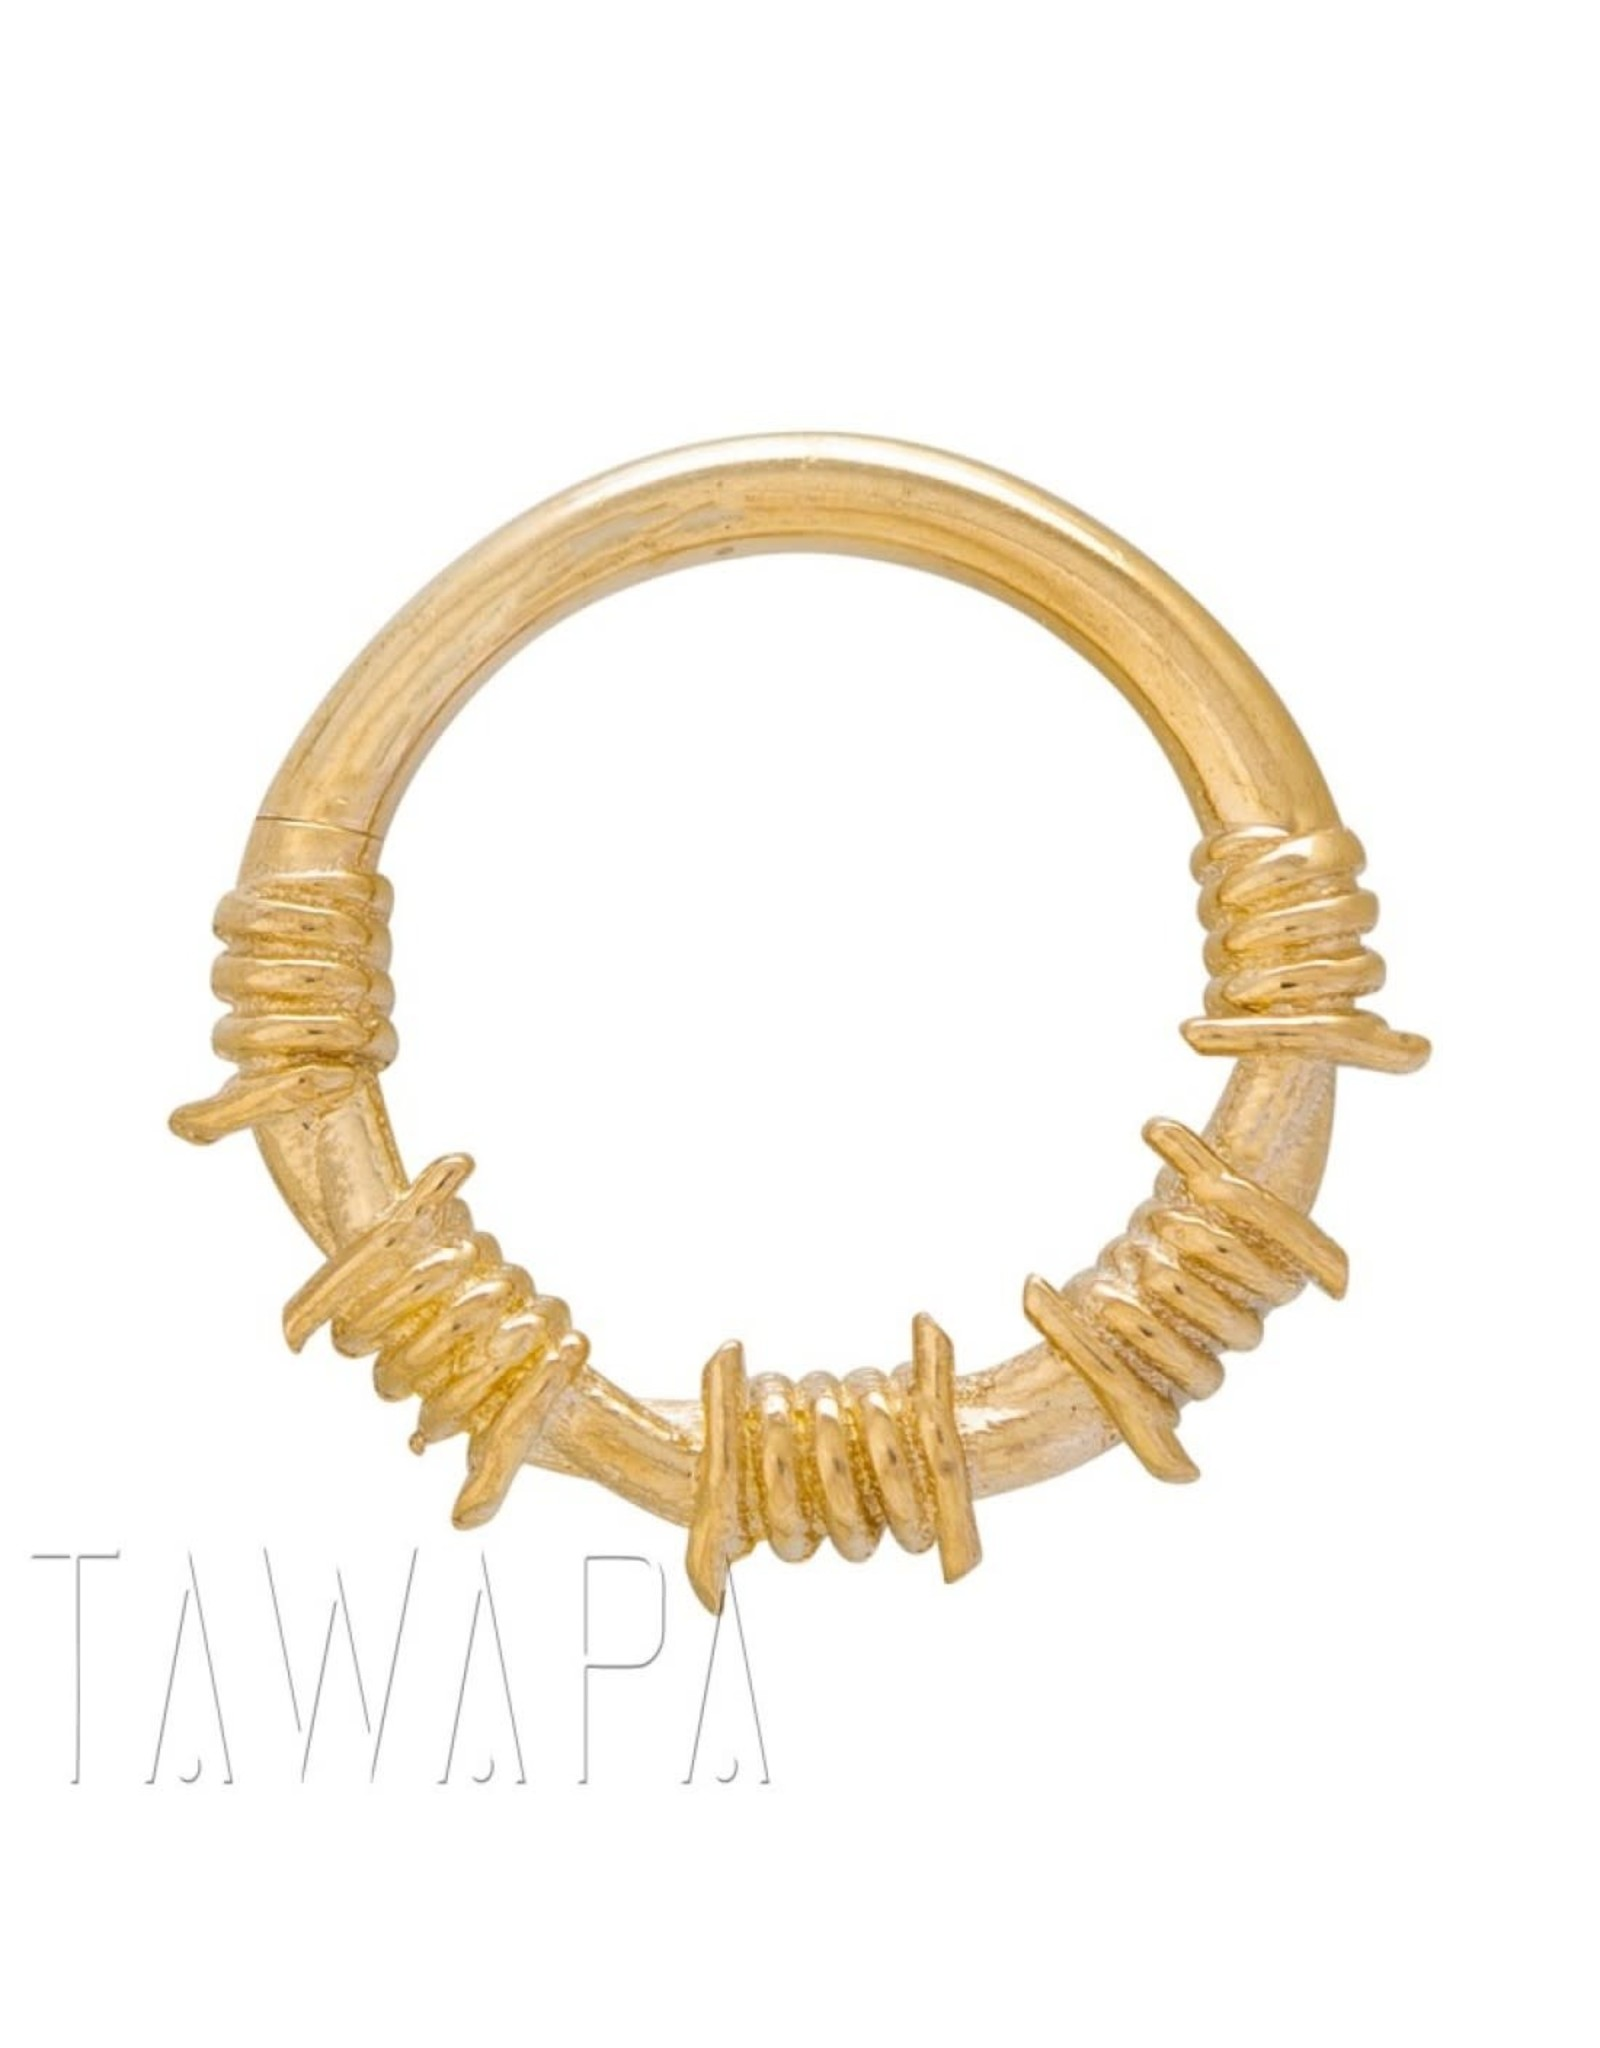 Tawapa Tawapa Barbed Wire seam ring